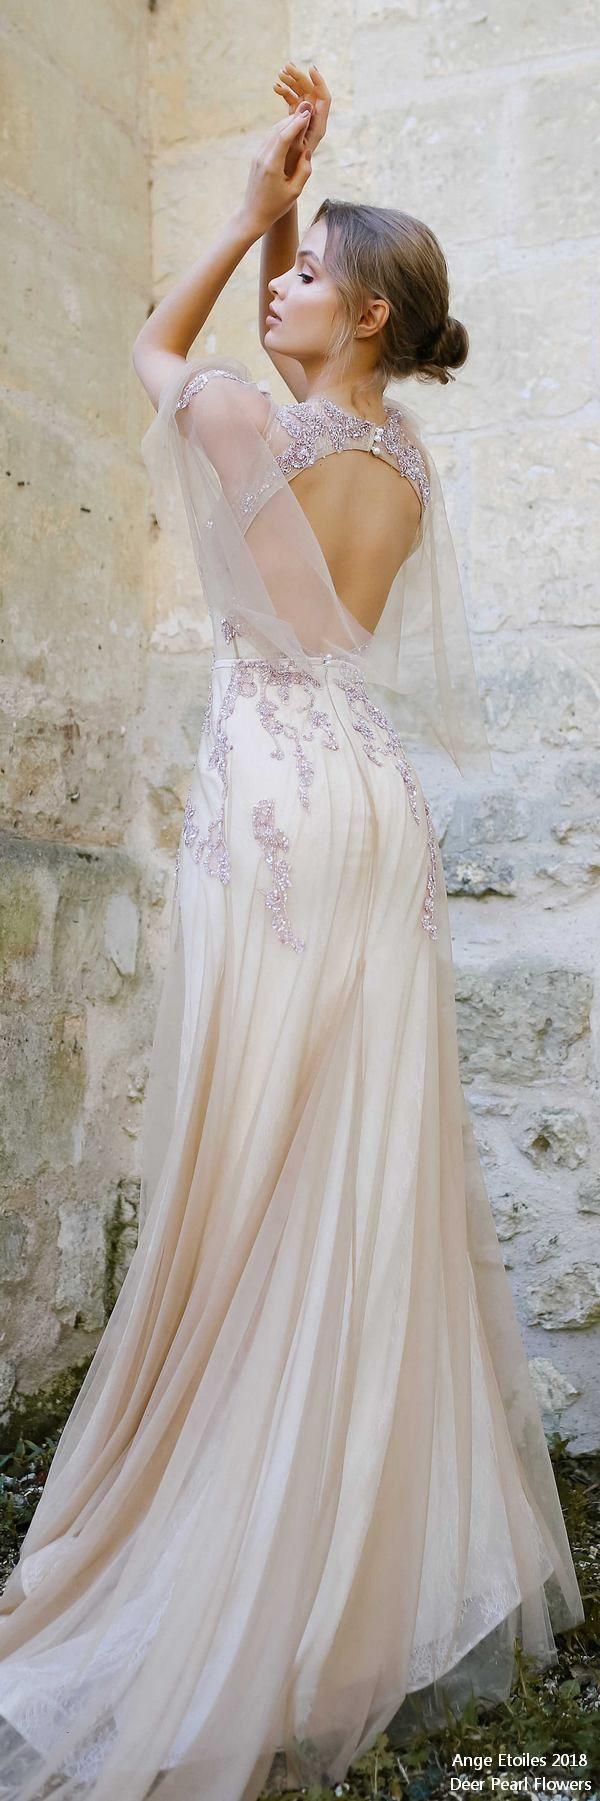 Eva fairy vintage wedding dress erpearlflowers